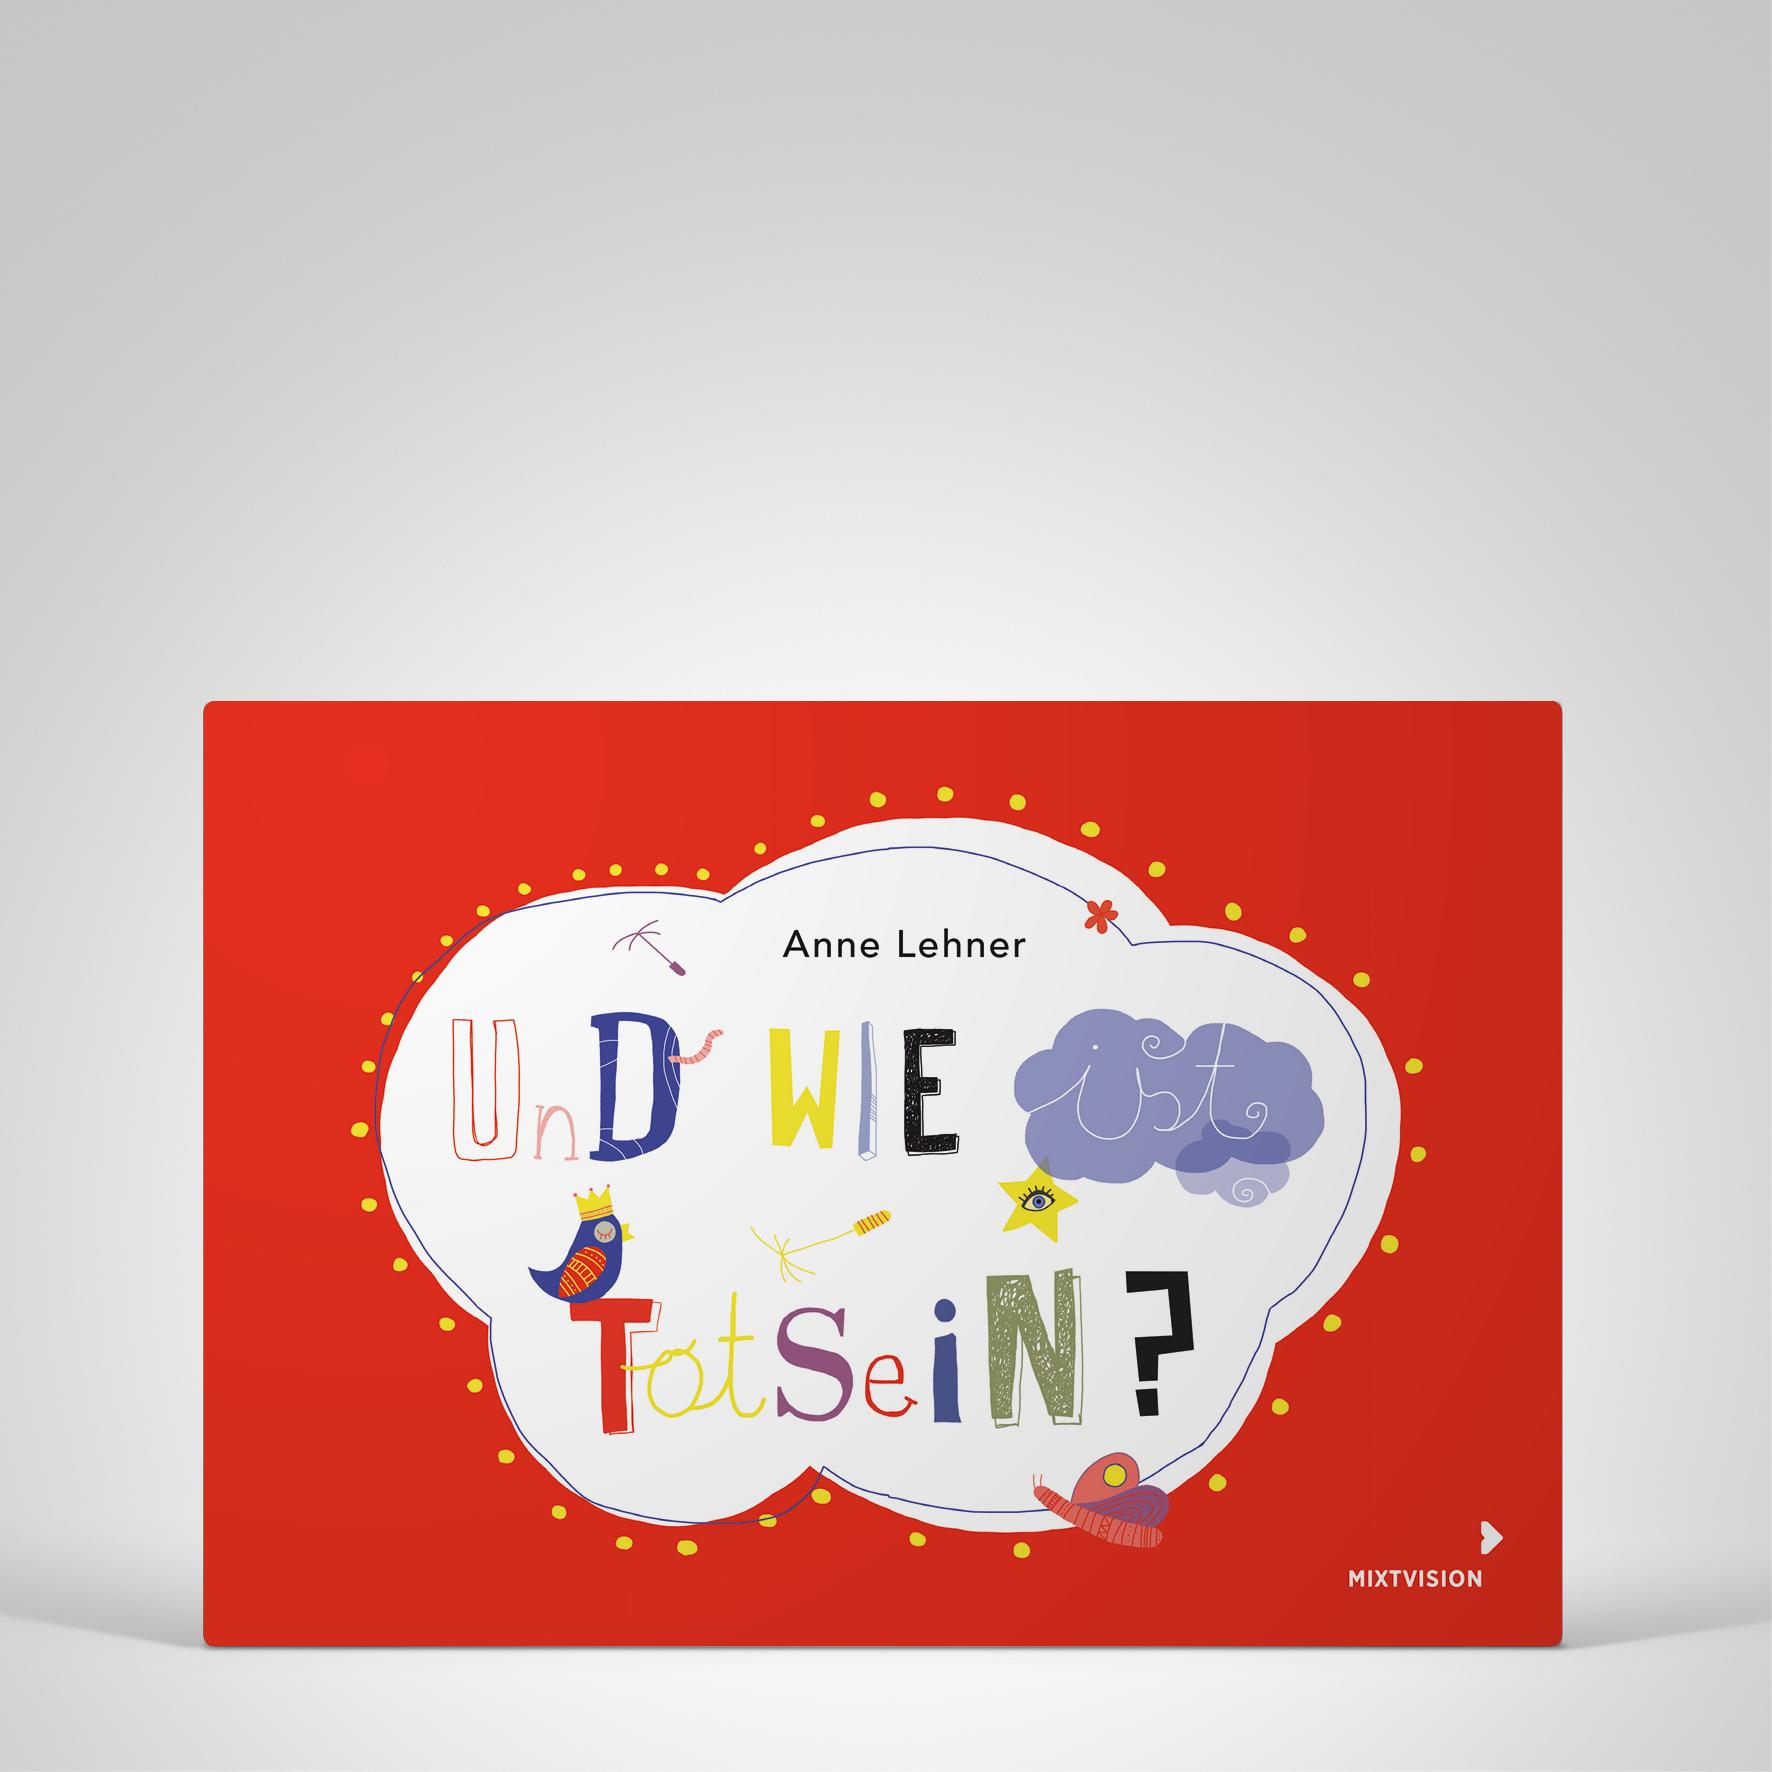 Und wie ist Totsein?, Cover-Abbildung